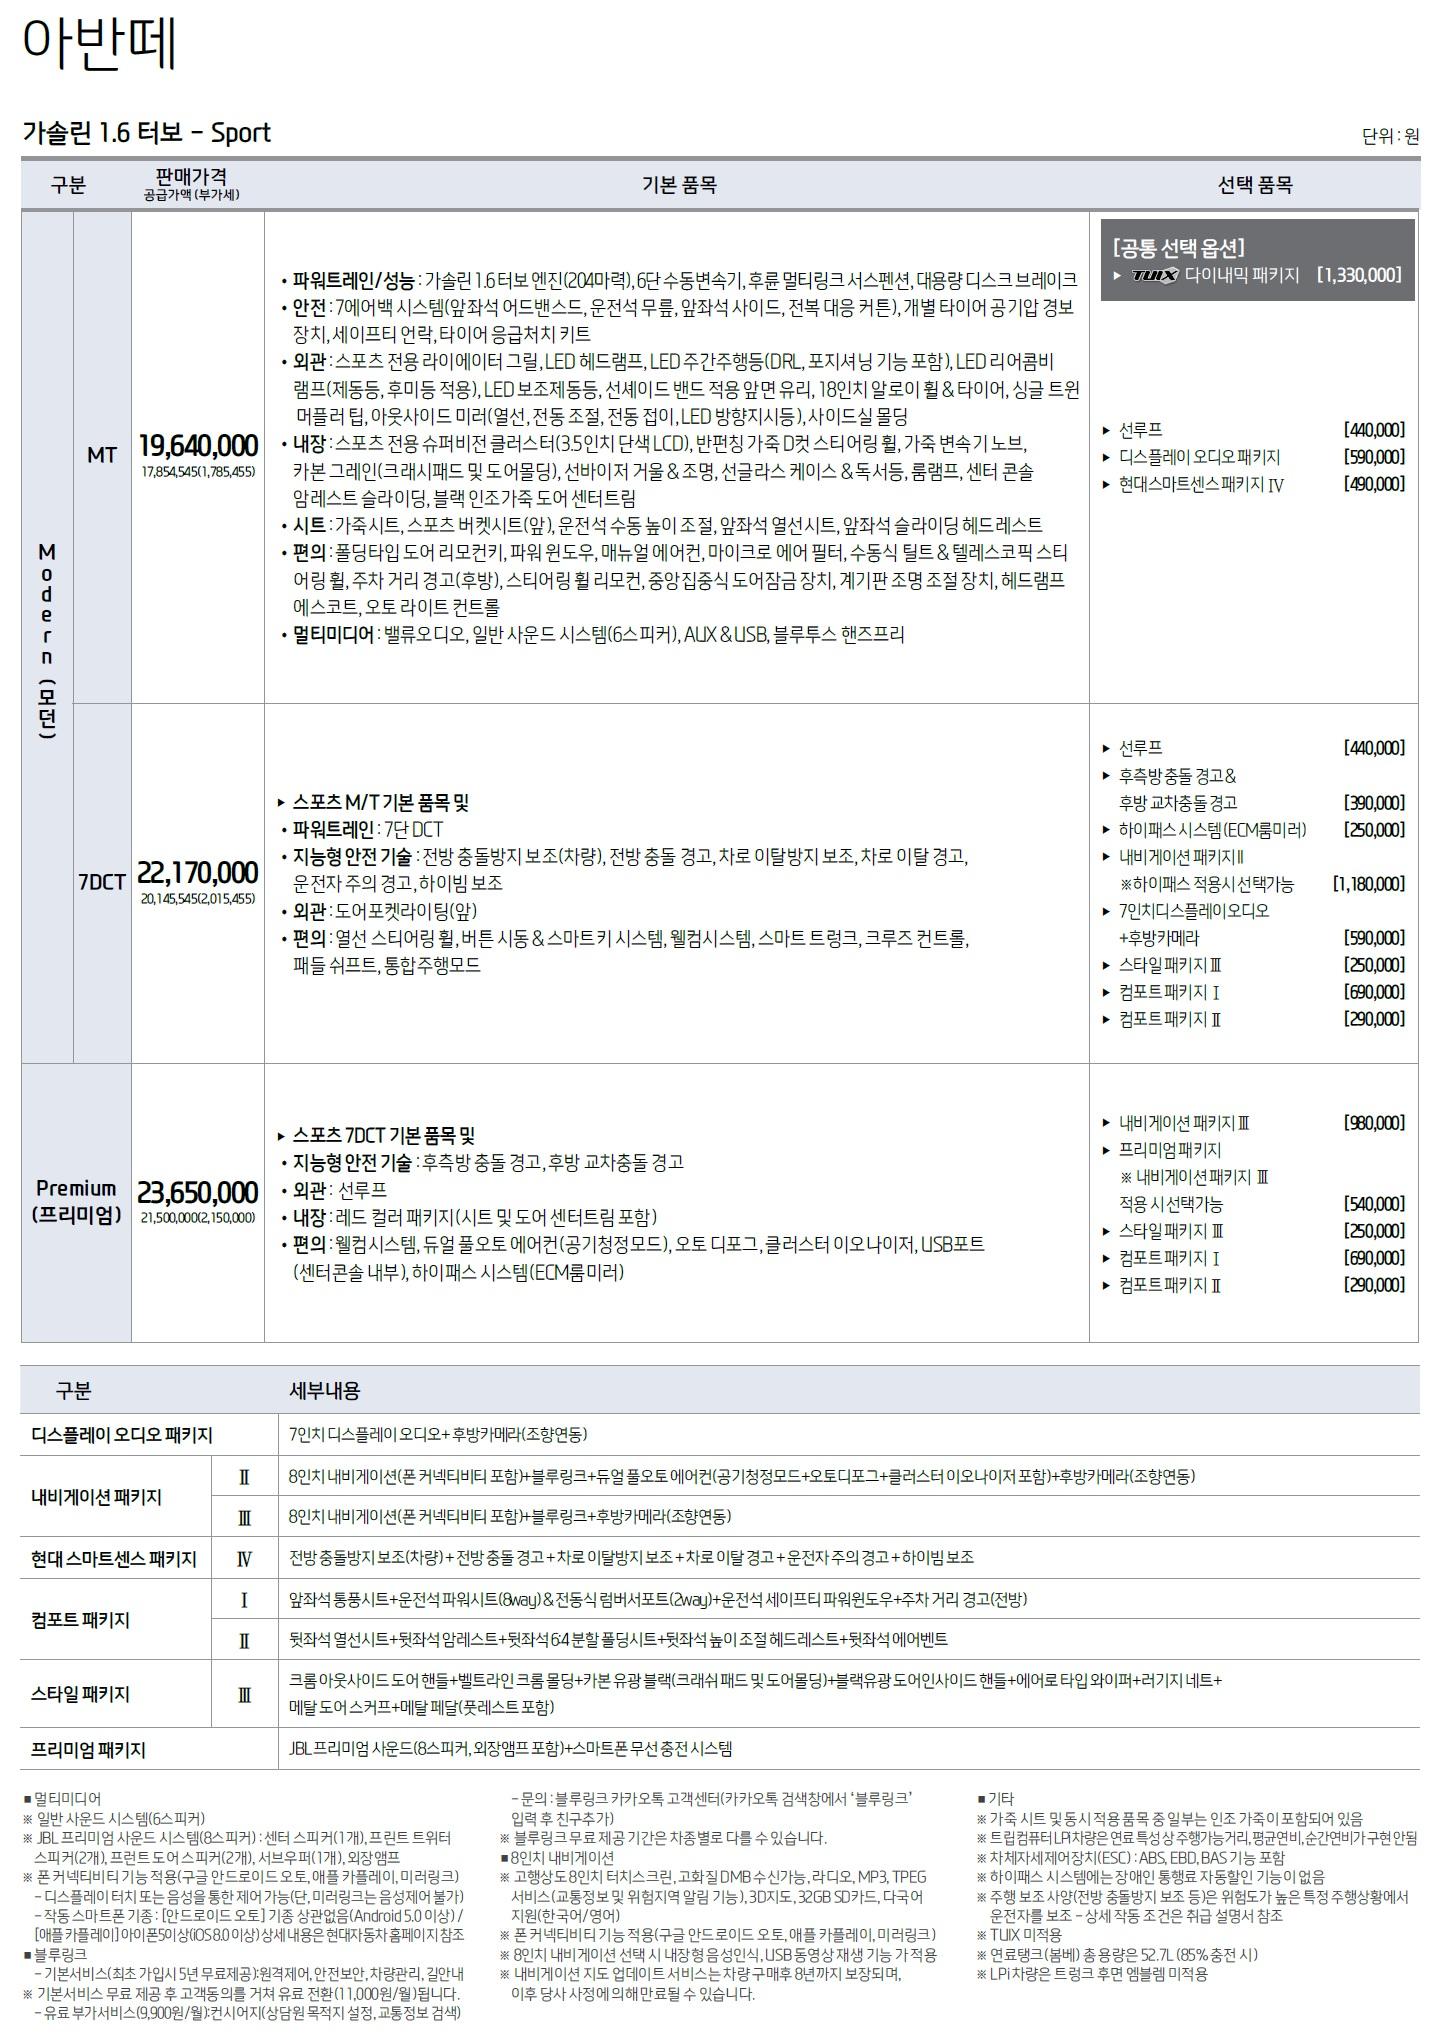 아반떼 가격표 - 2019년형 (2019년 05월) -3.jpg